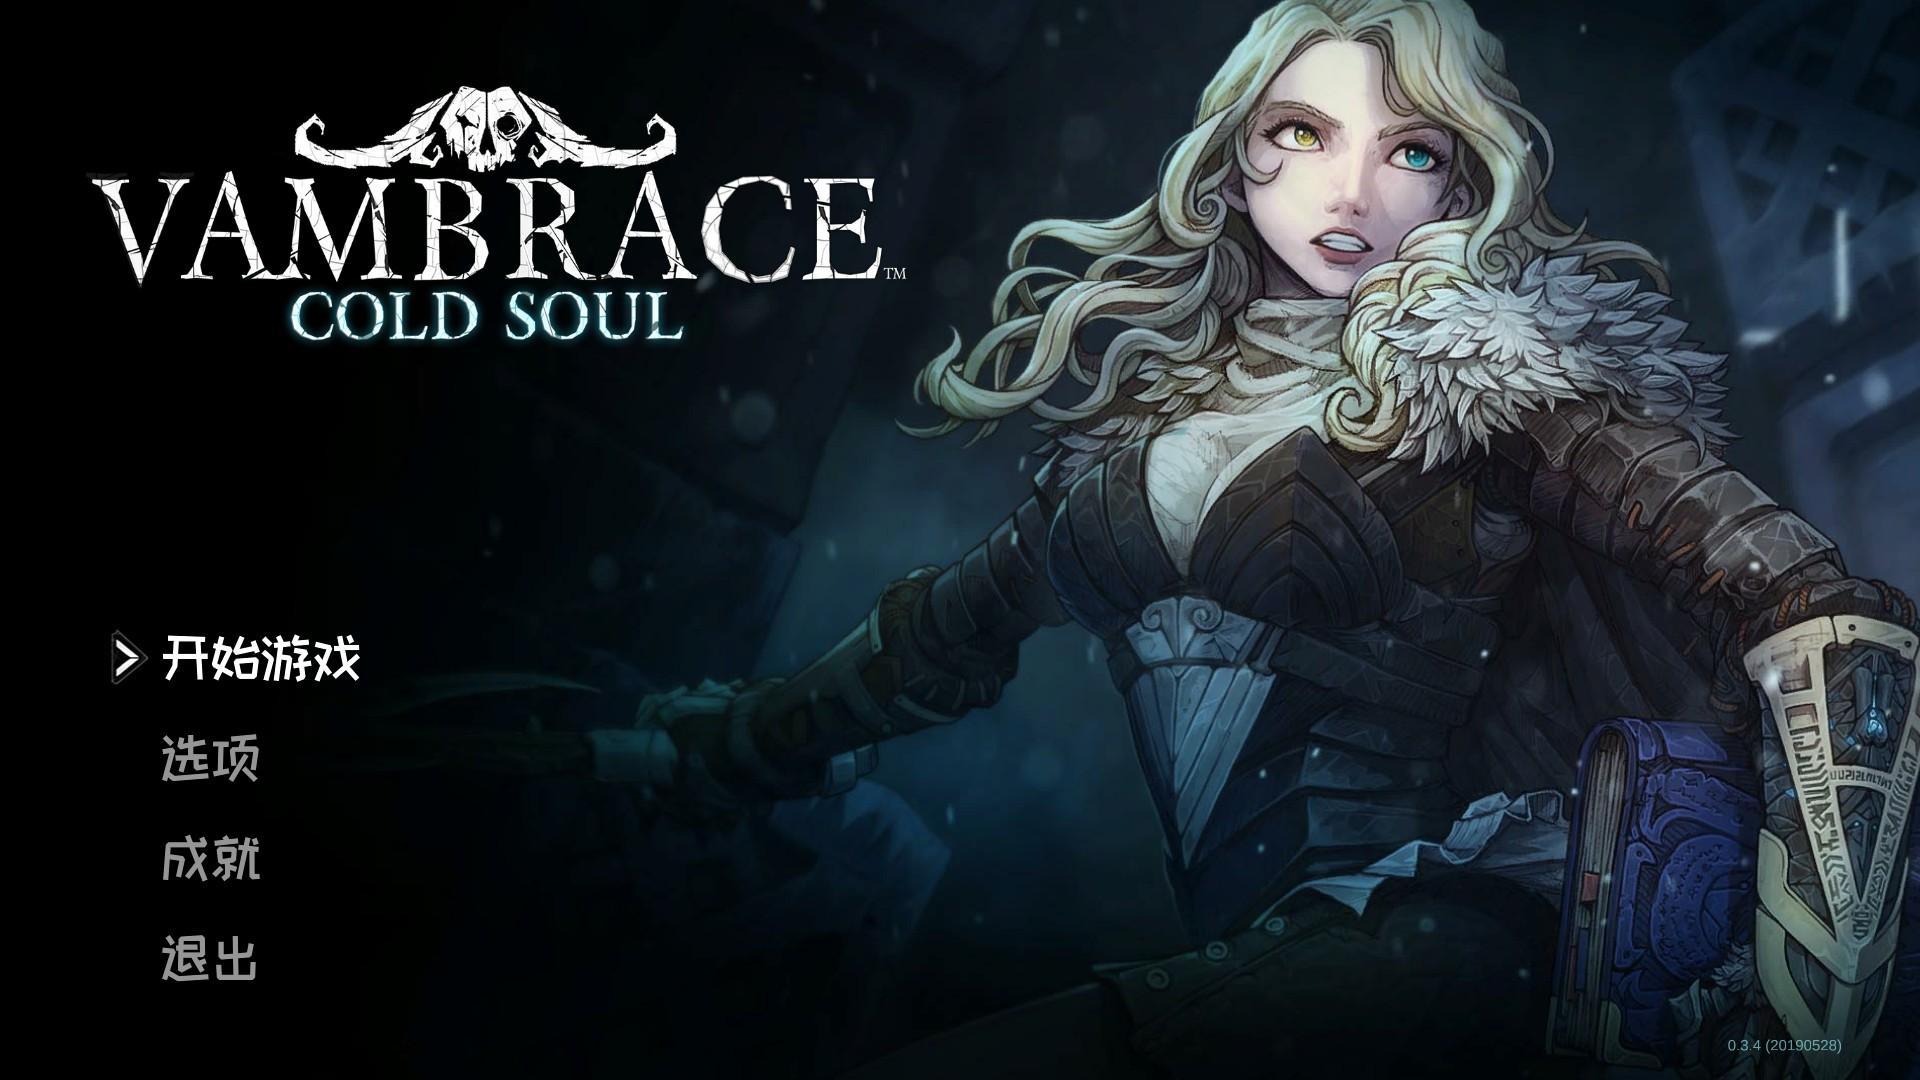 <b>与美少女一起探索地下城 《圣铠:冰魂》正式发售</b>